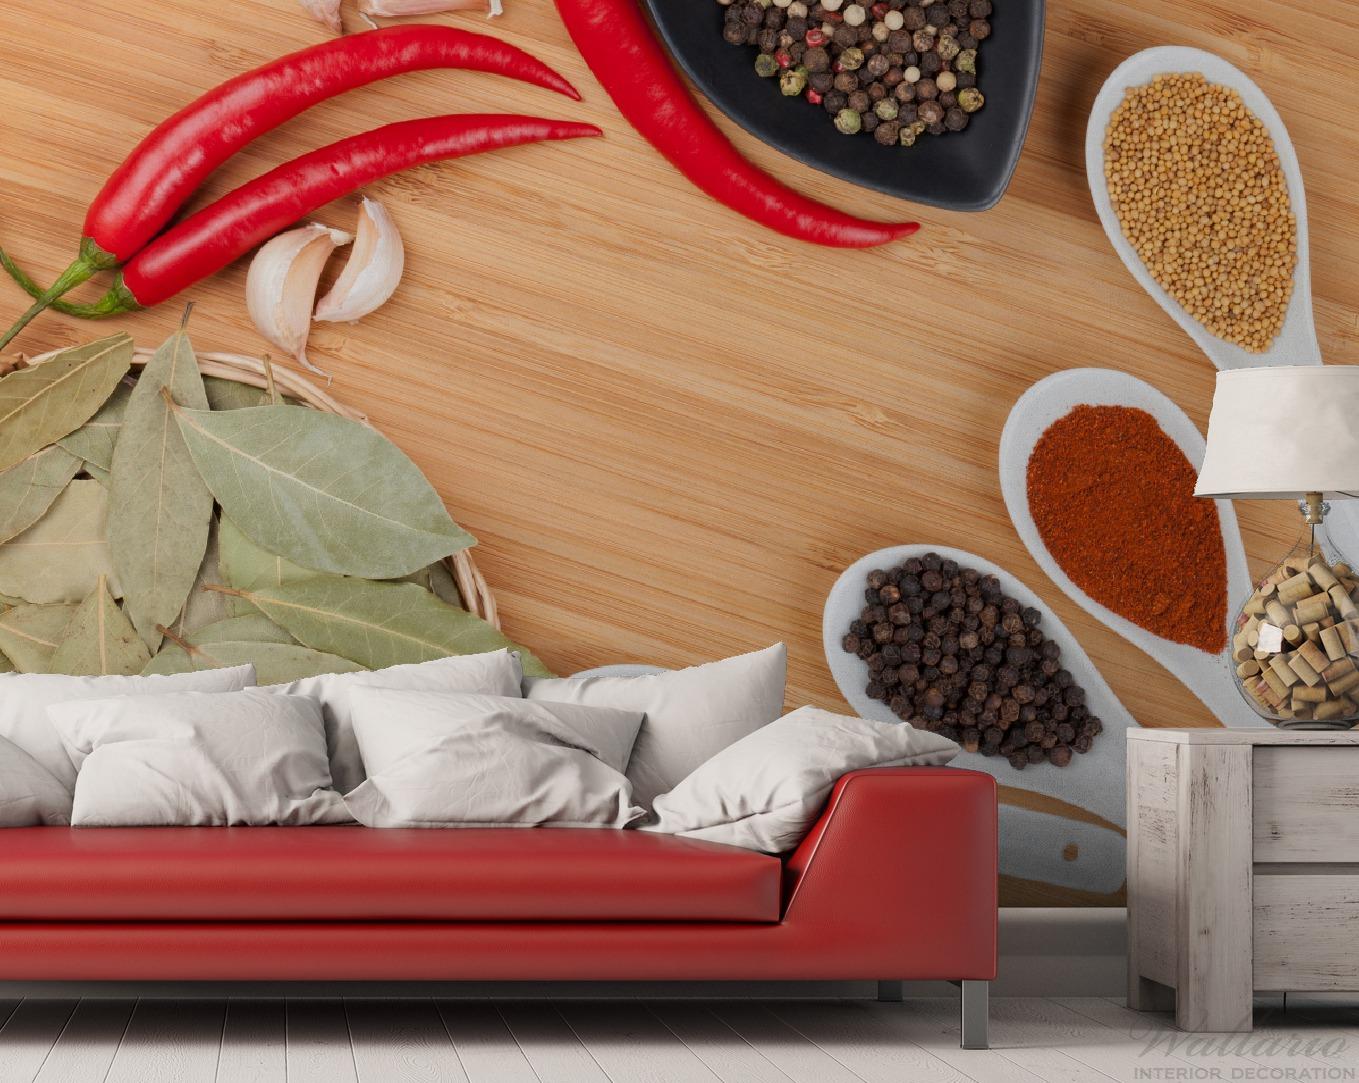 vliestapete gew rze und kr uter auf l ffeln und in schalen tapeten vliestapeten k che genuss. Black Bedroom Furniture Sets. Home Design Ideas